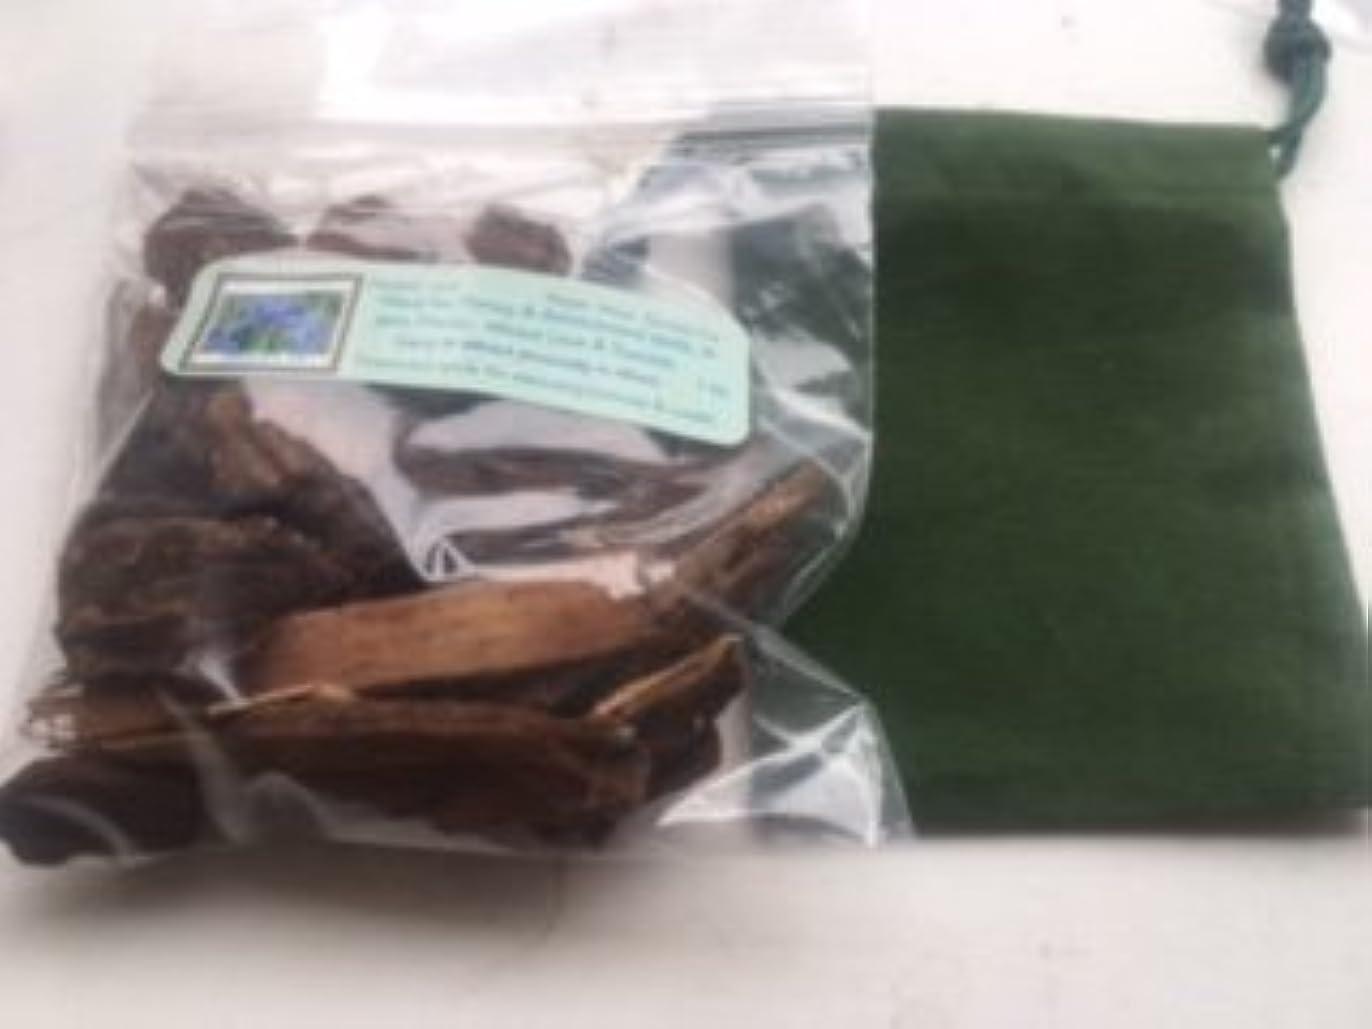 横たわる詳細な持ってるJezebelルート~ 1 oz Dried Herb ~ WithグリーンベルベットMojoバッグ~ Ravenz Roost Herb with special Info Onラベル